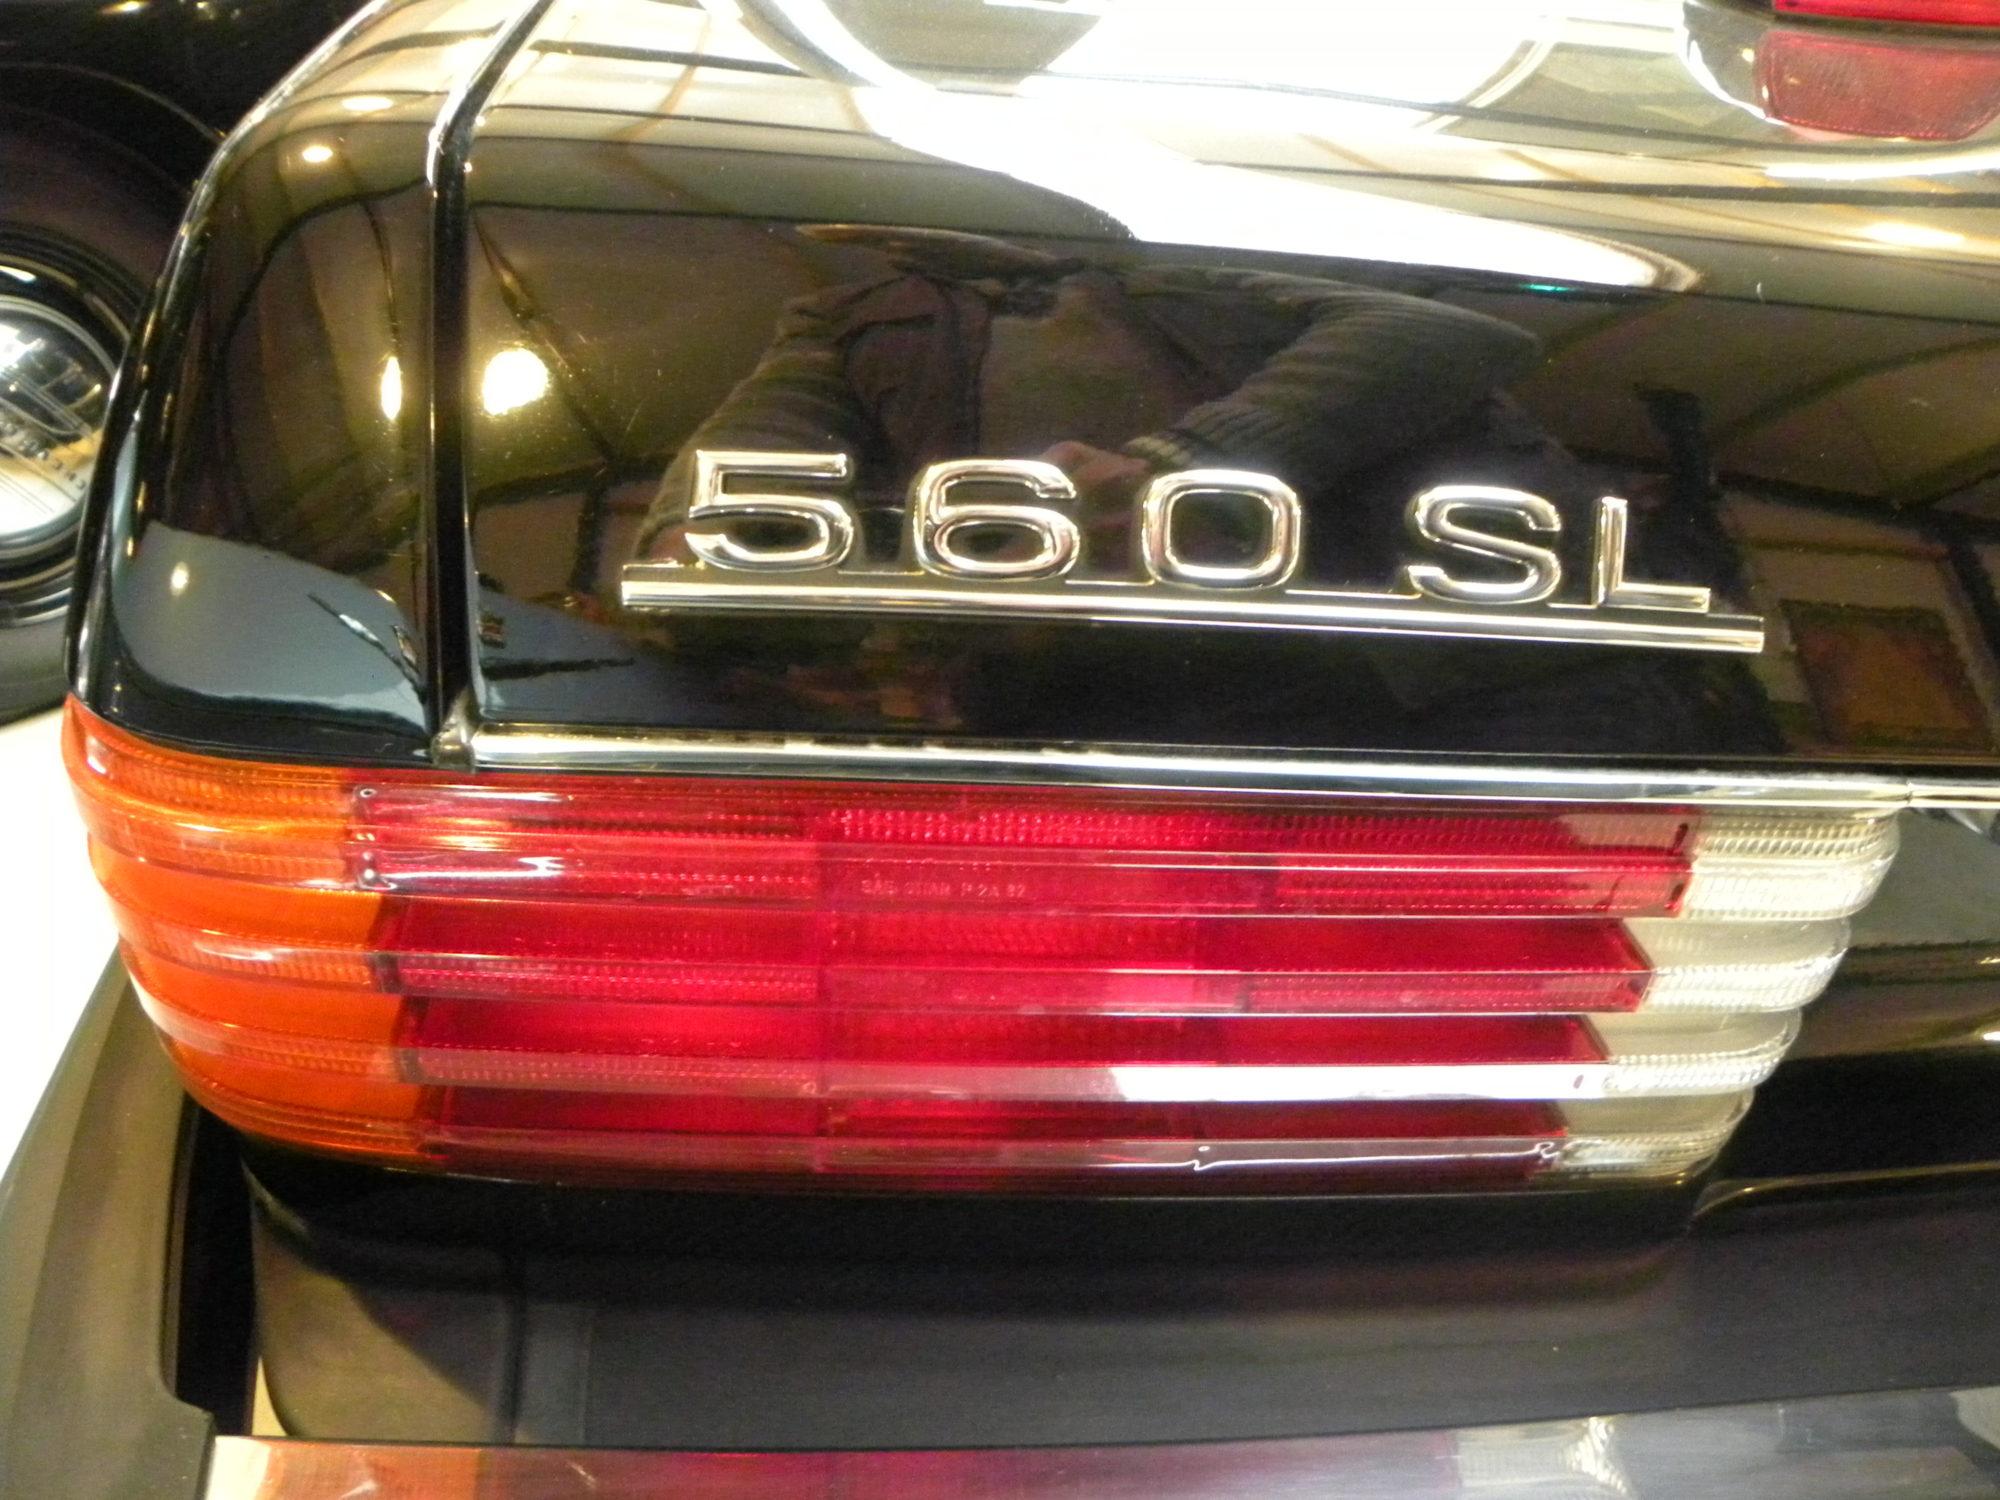 Mercedes-Benz V8 560 SL